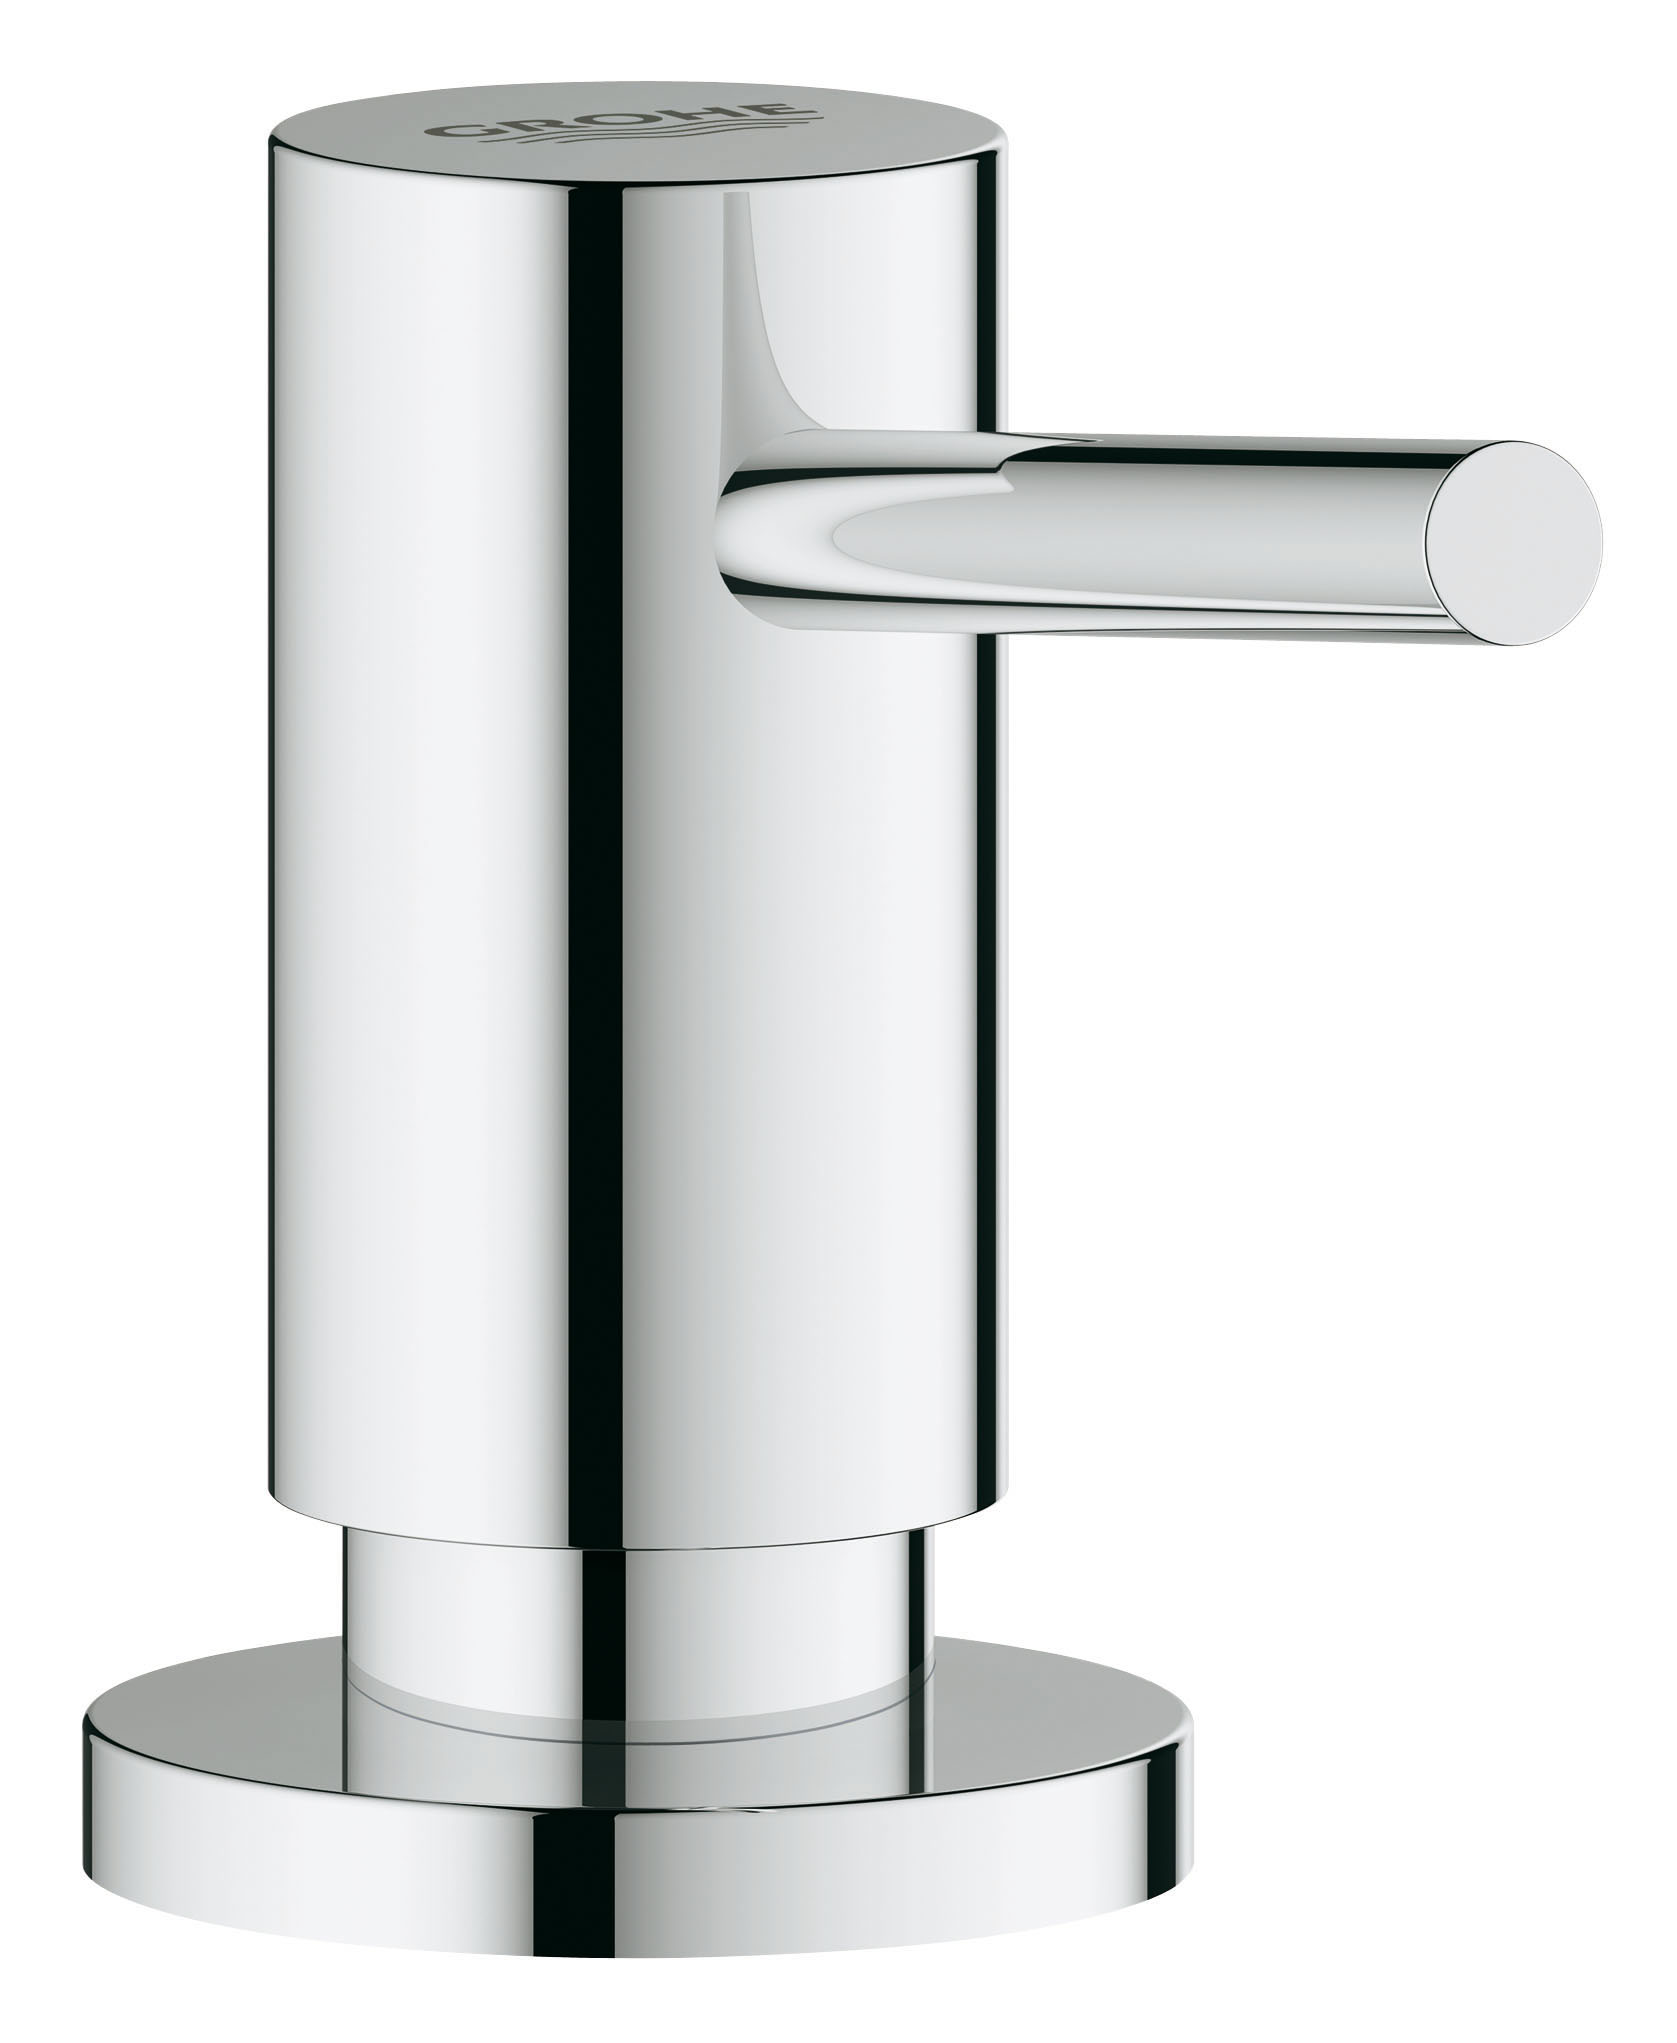 Дозатор жидкого мыла GROHE. 4053500040535000Для жидкого мыла,Запасная емкость 0,4 лGROHE StarLight хромированная поверхность